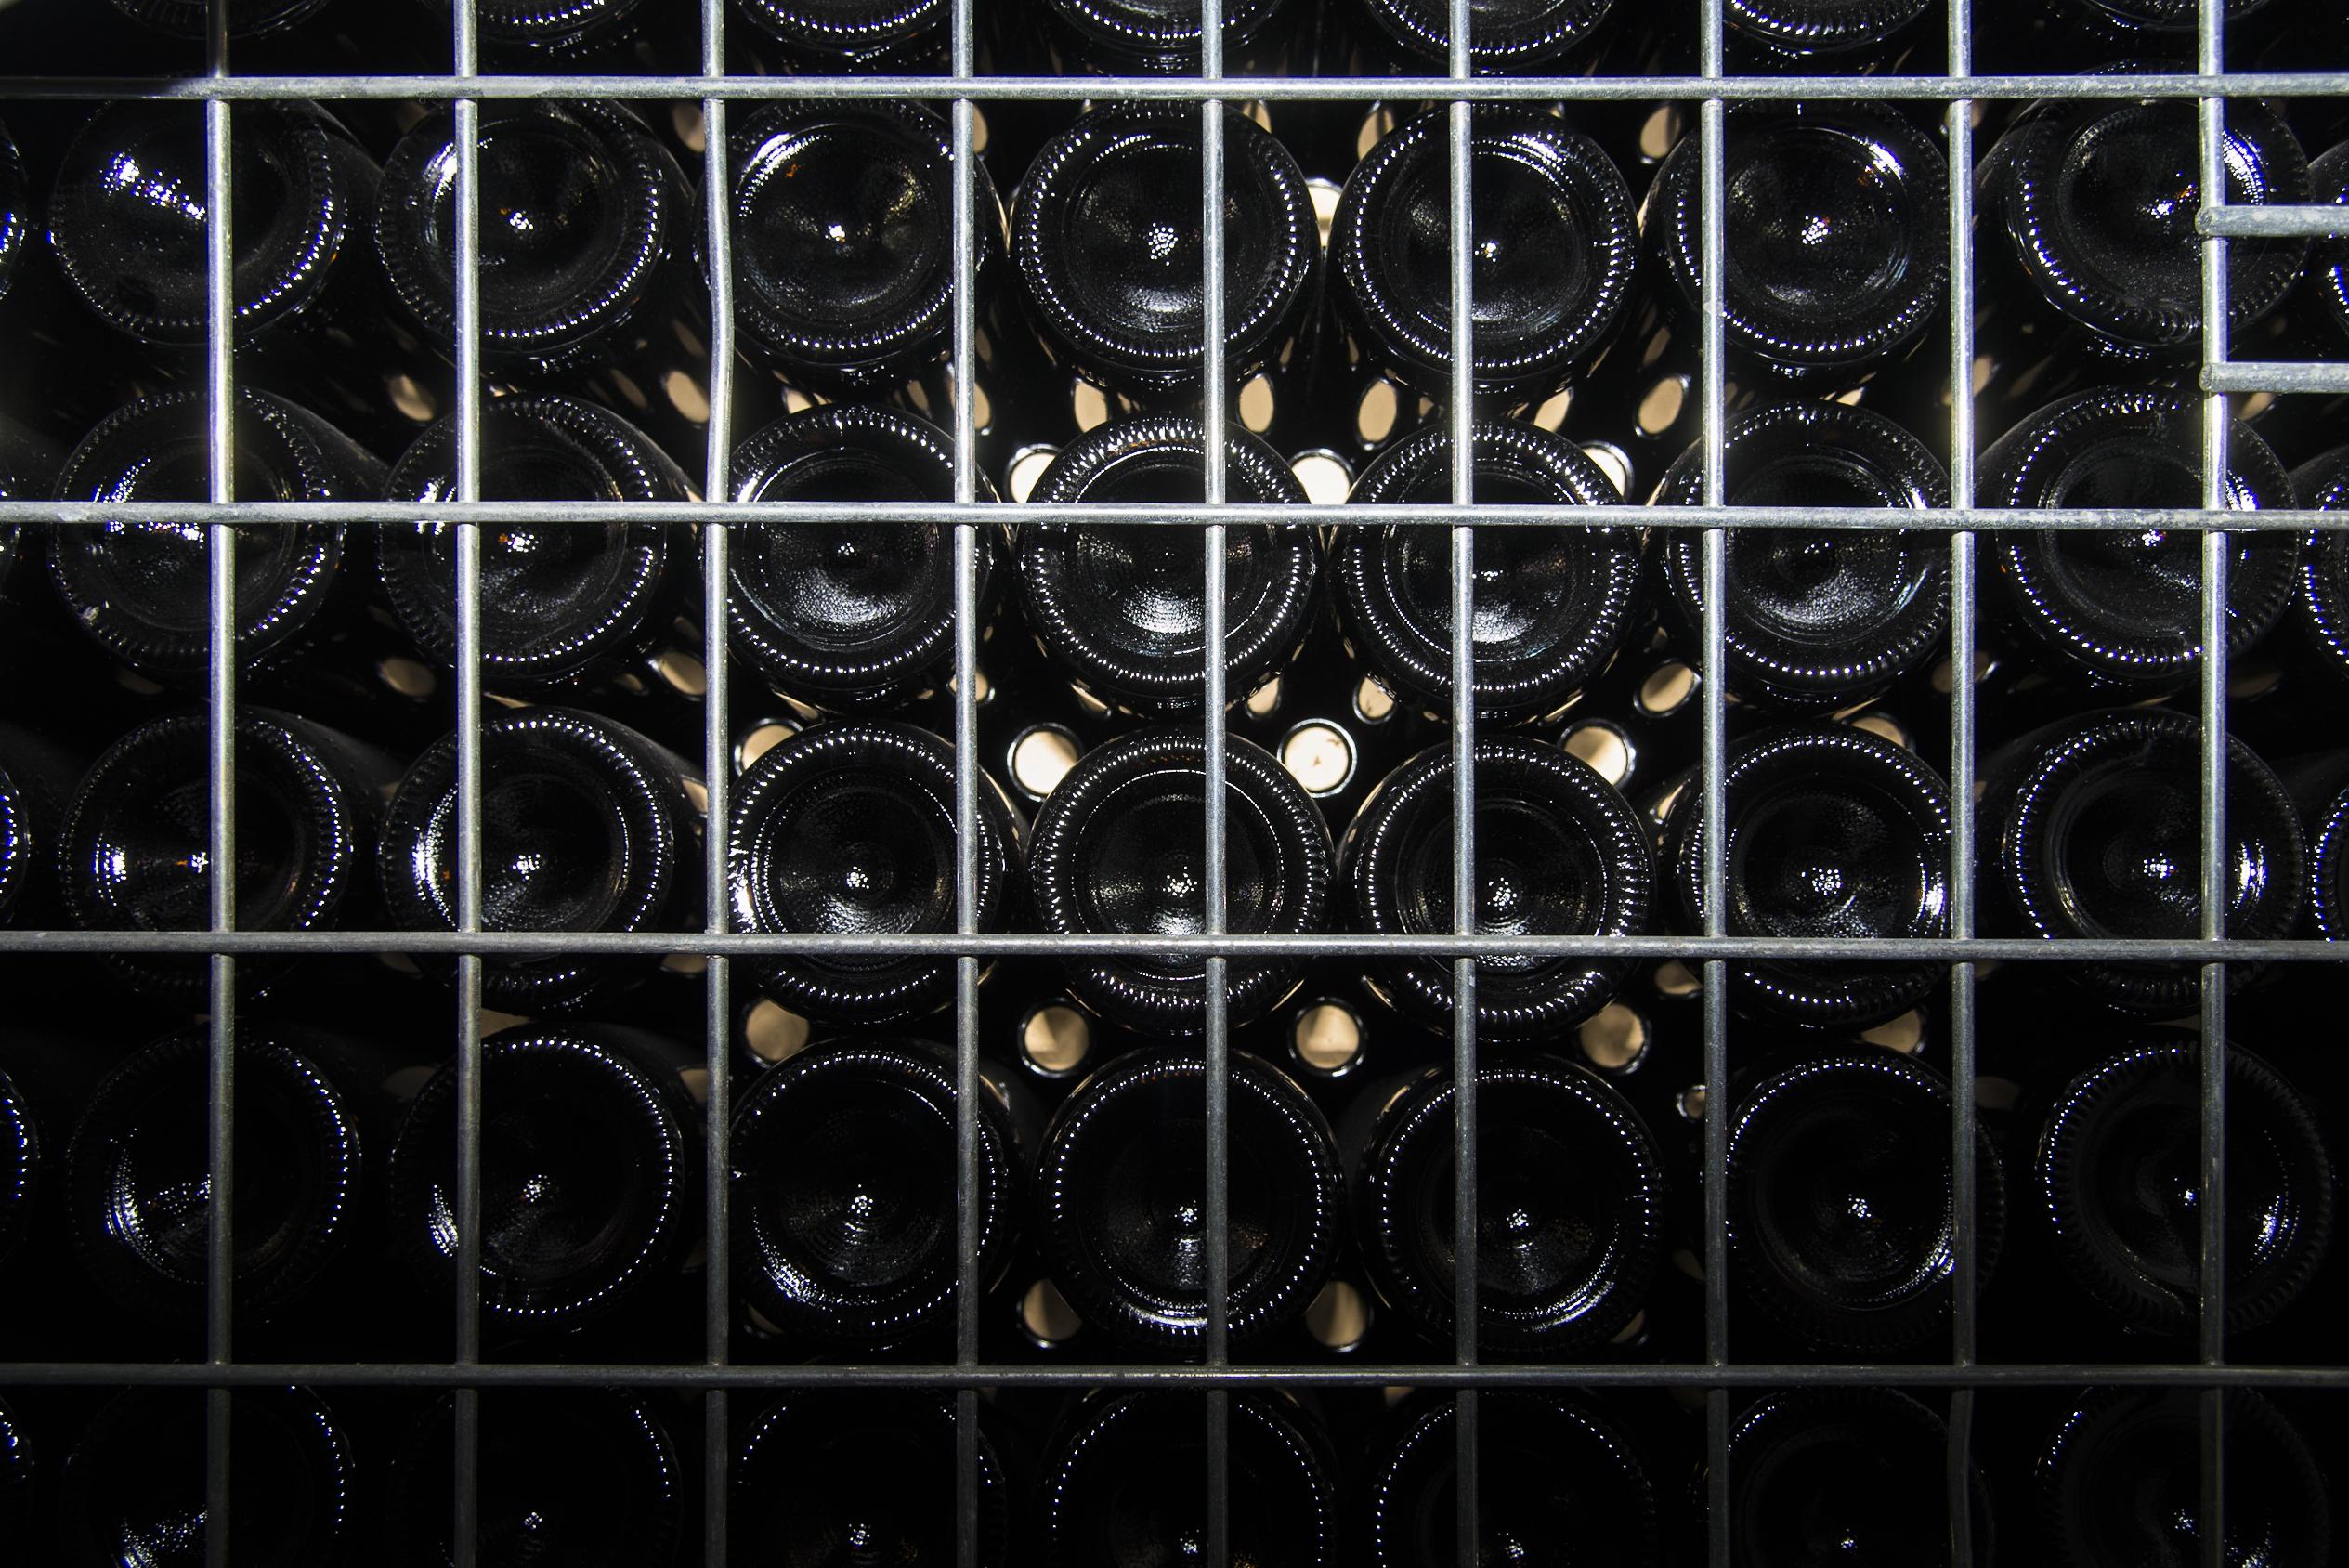 Bottiglie in griglia